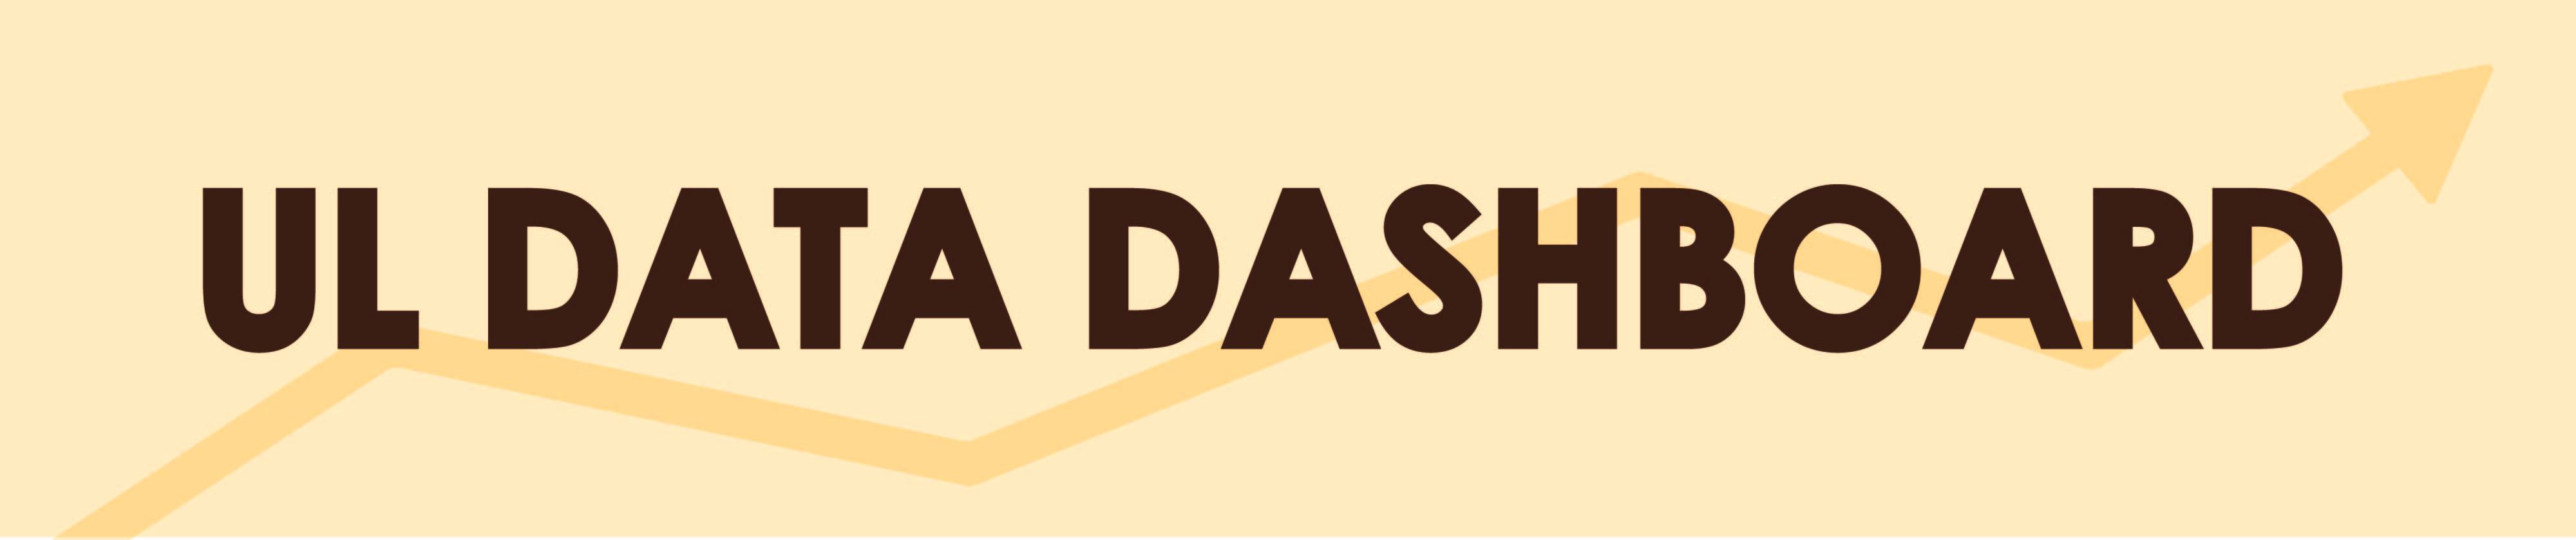 UL Data Dashboard